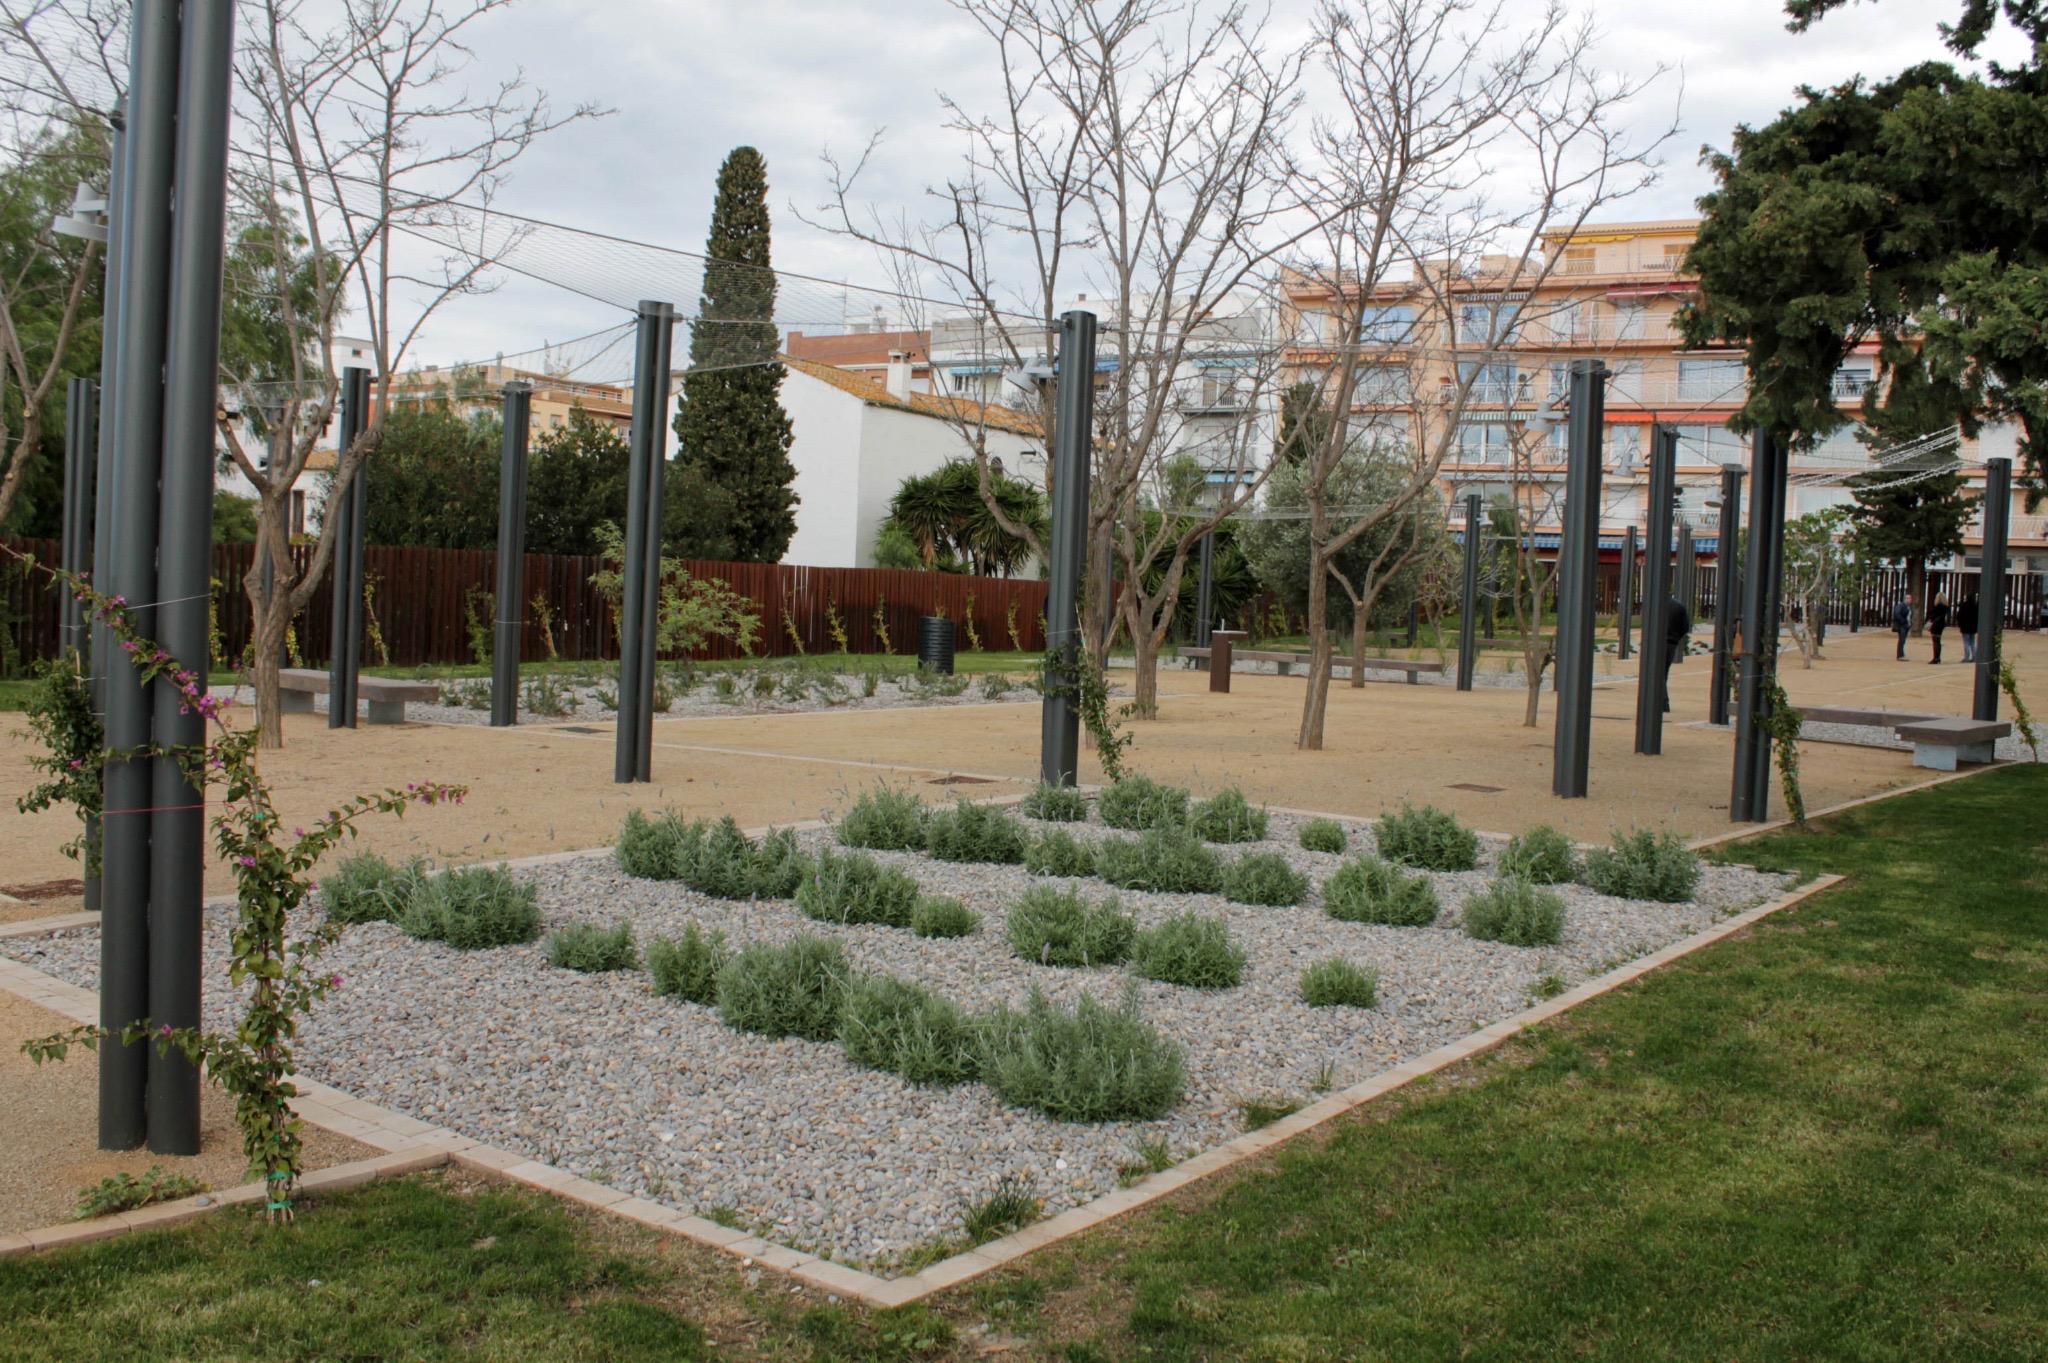 El nou parc de l'emblemàtic Mas de les Figueres s'obre al públic